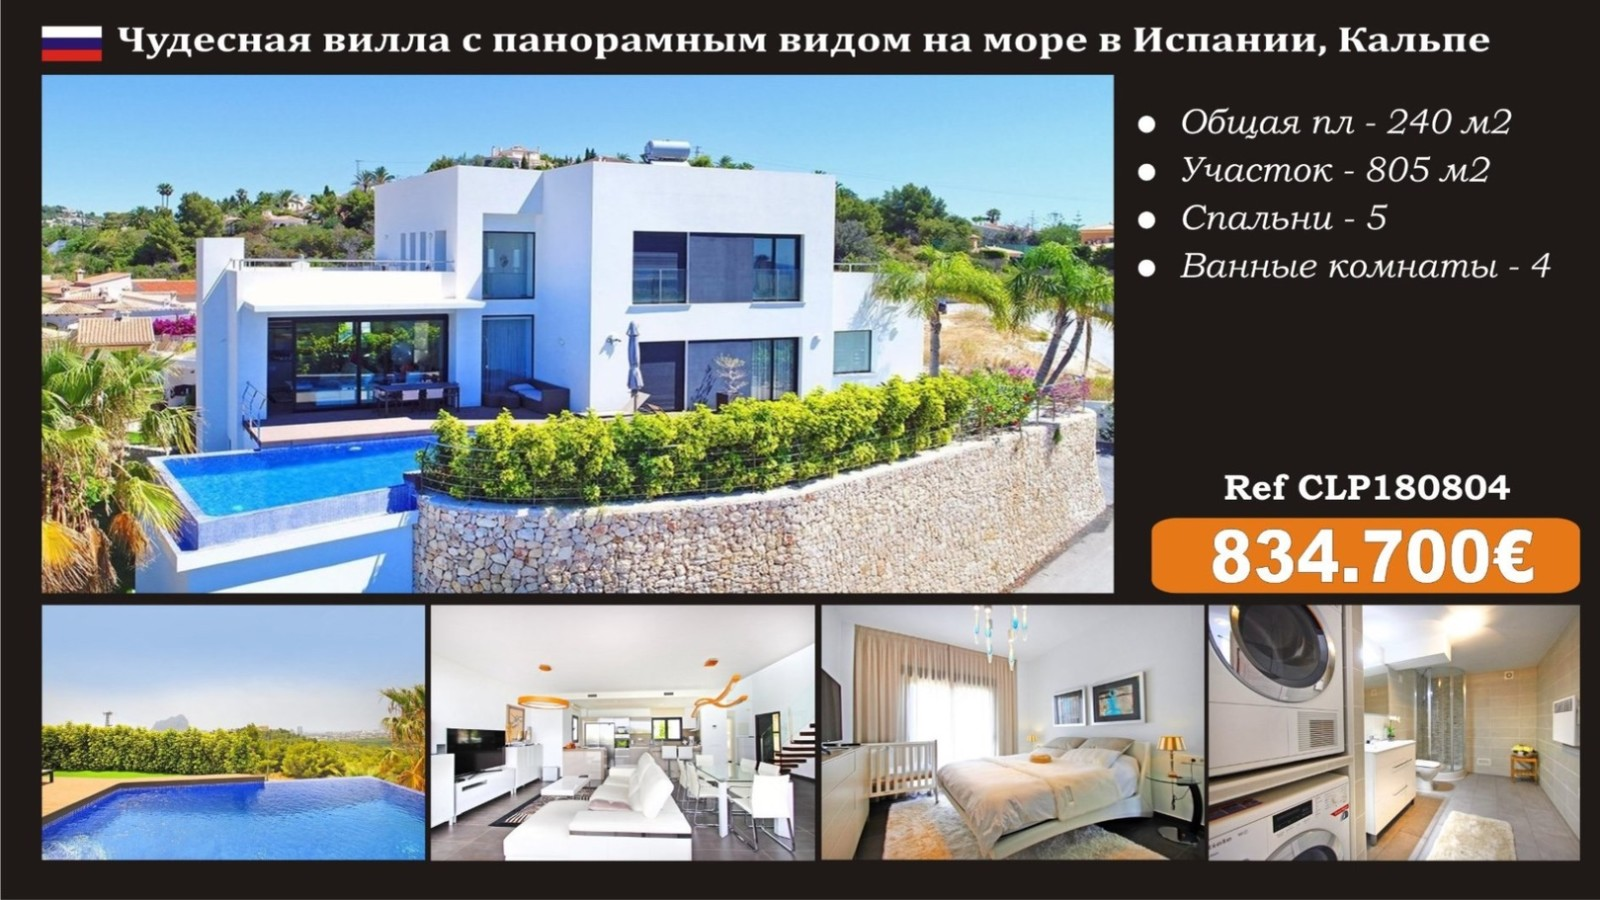 Недвижимость испании ru